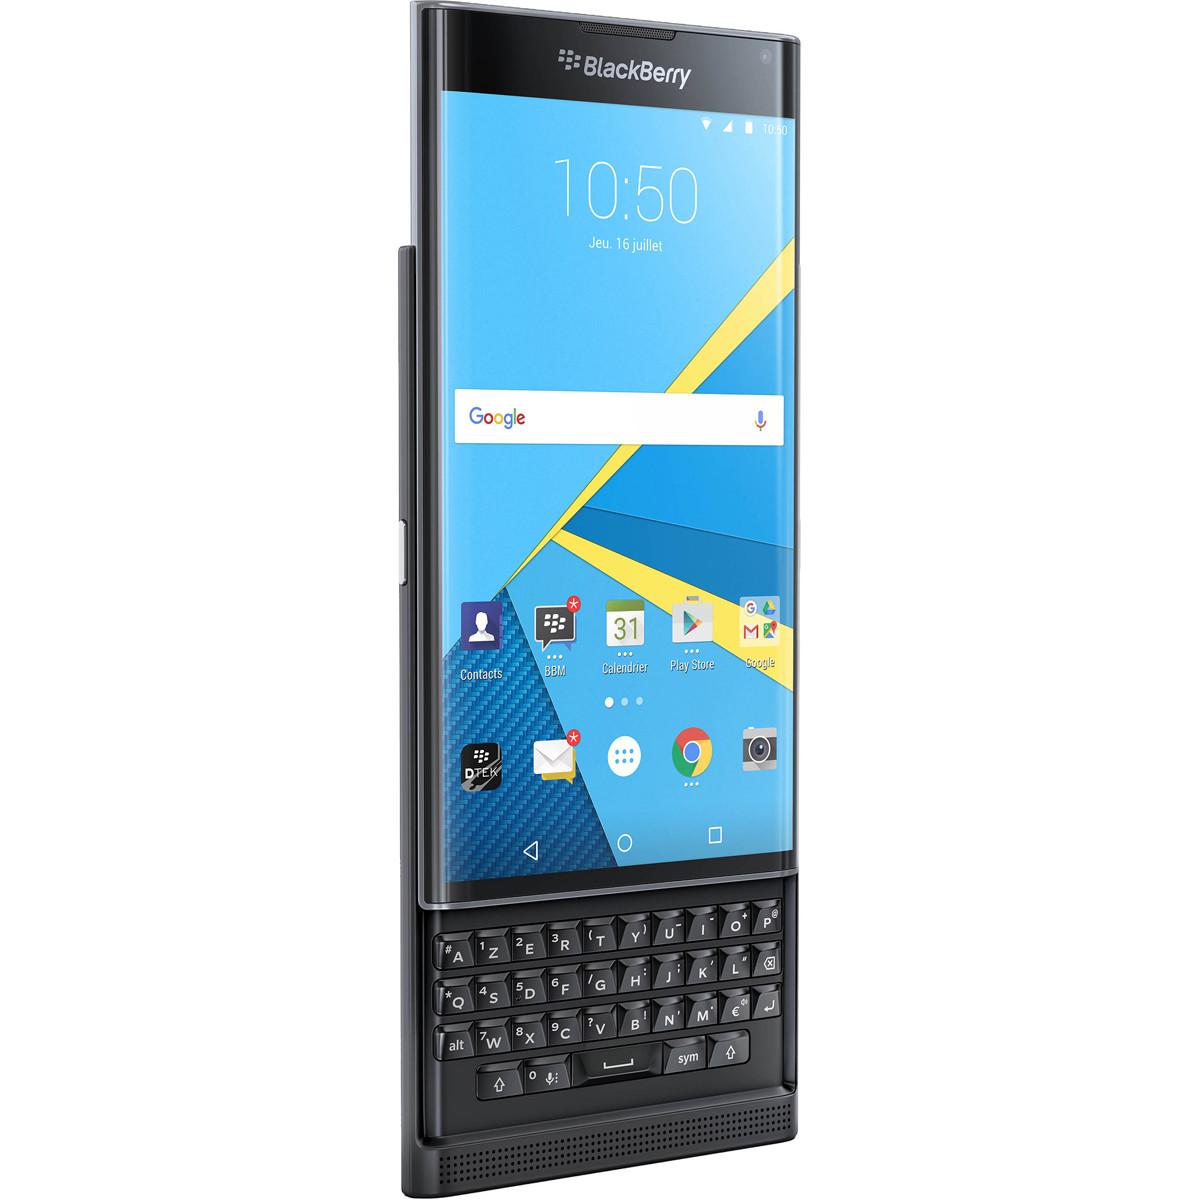 blackberry priv 3gb 32gb black heax core 5 4